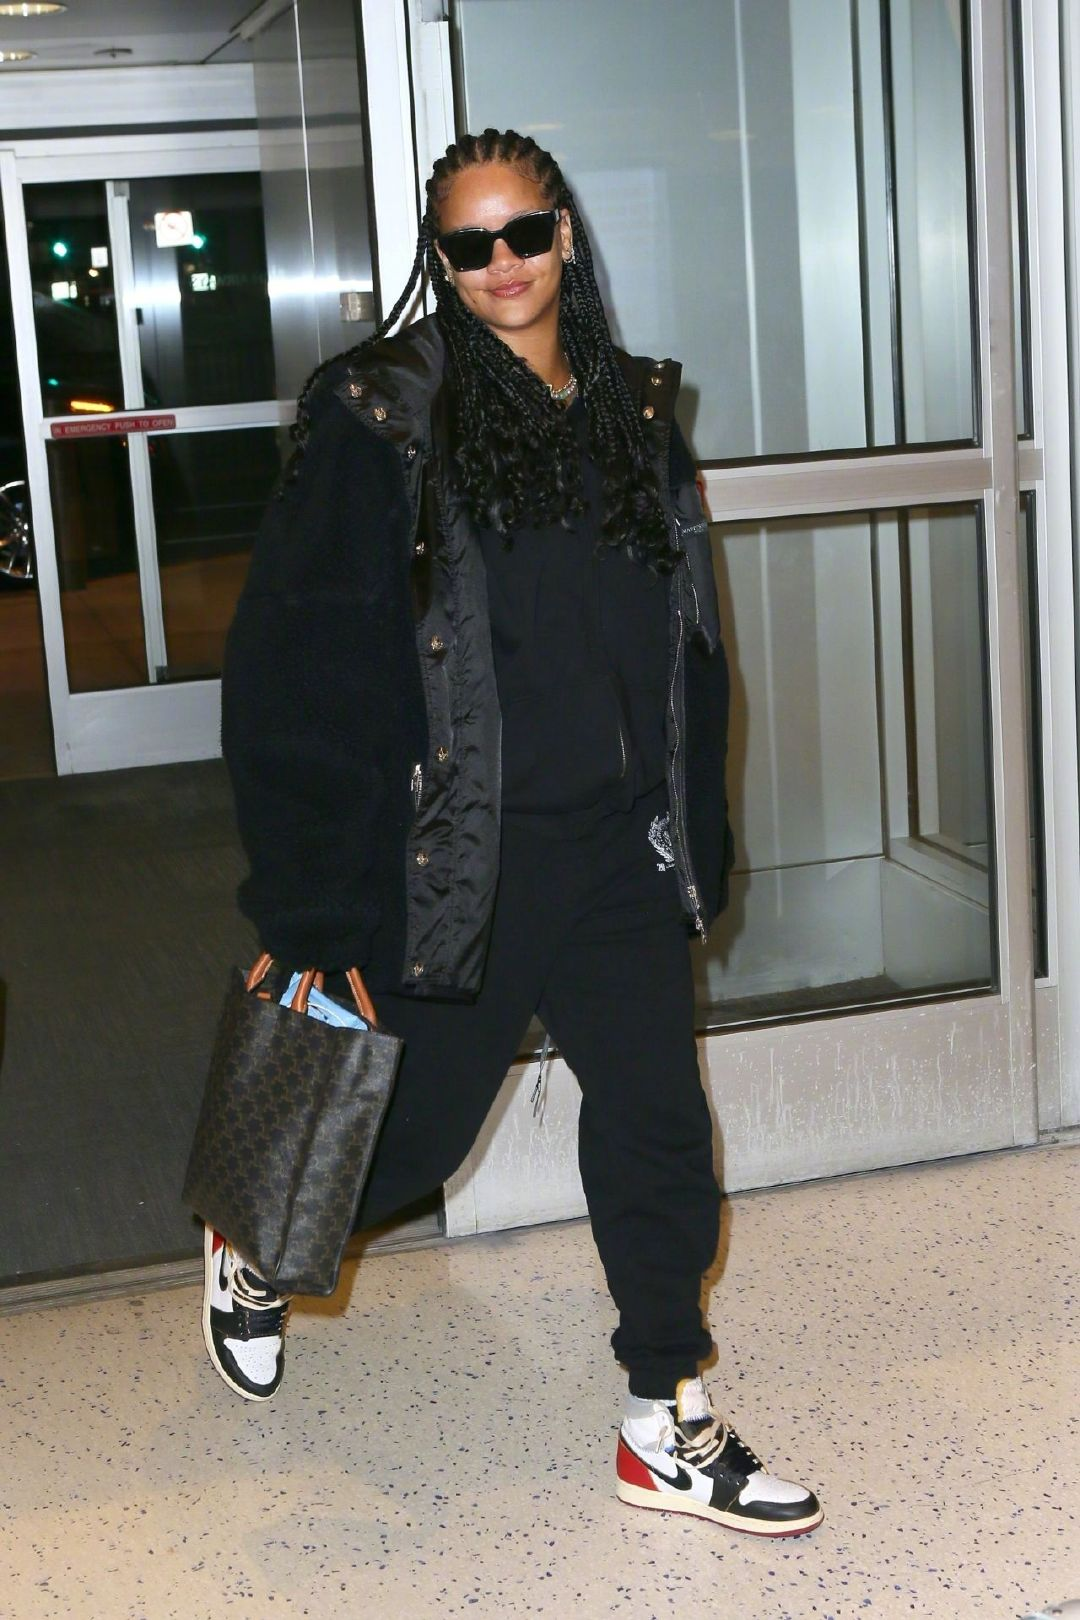 蕾哈娜抵达纽约肯尼迪国际机场被拍